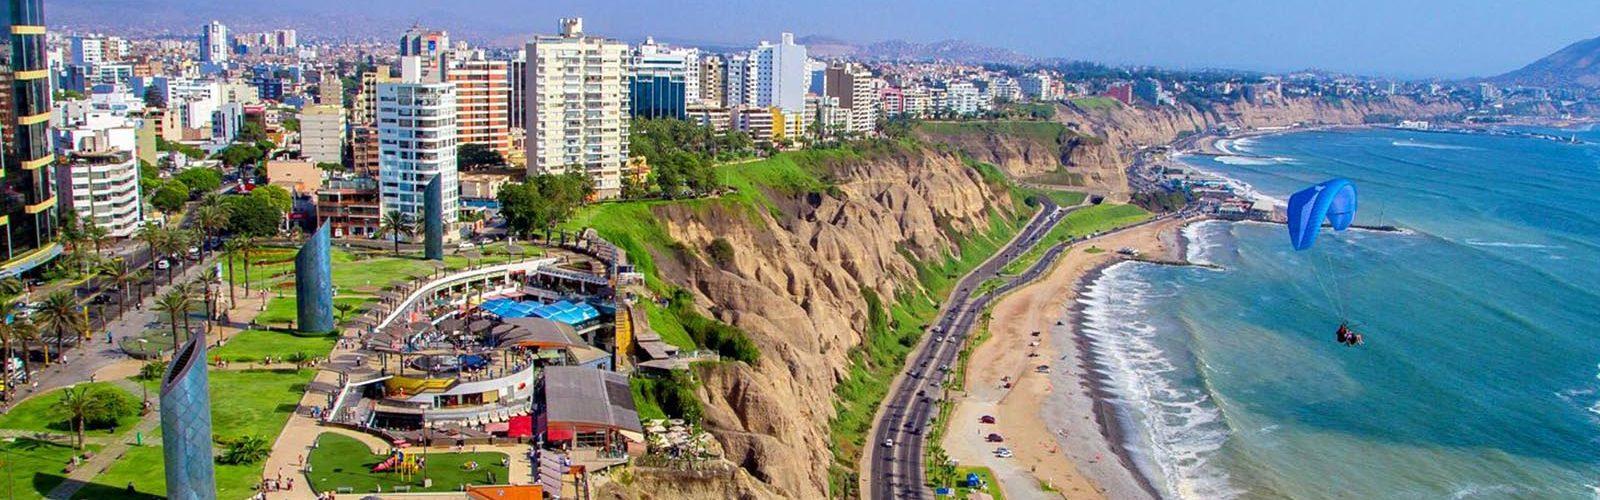 lima peruvian tours1